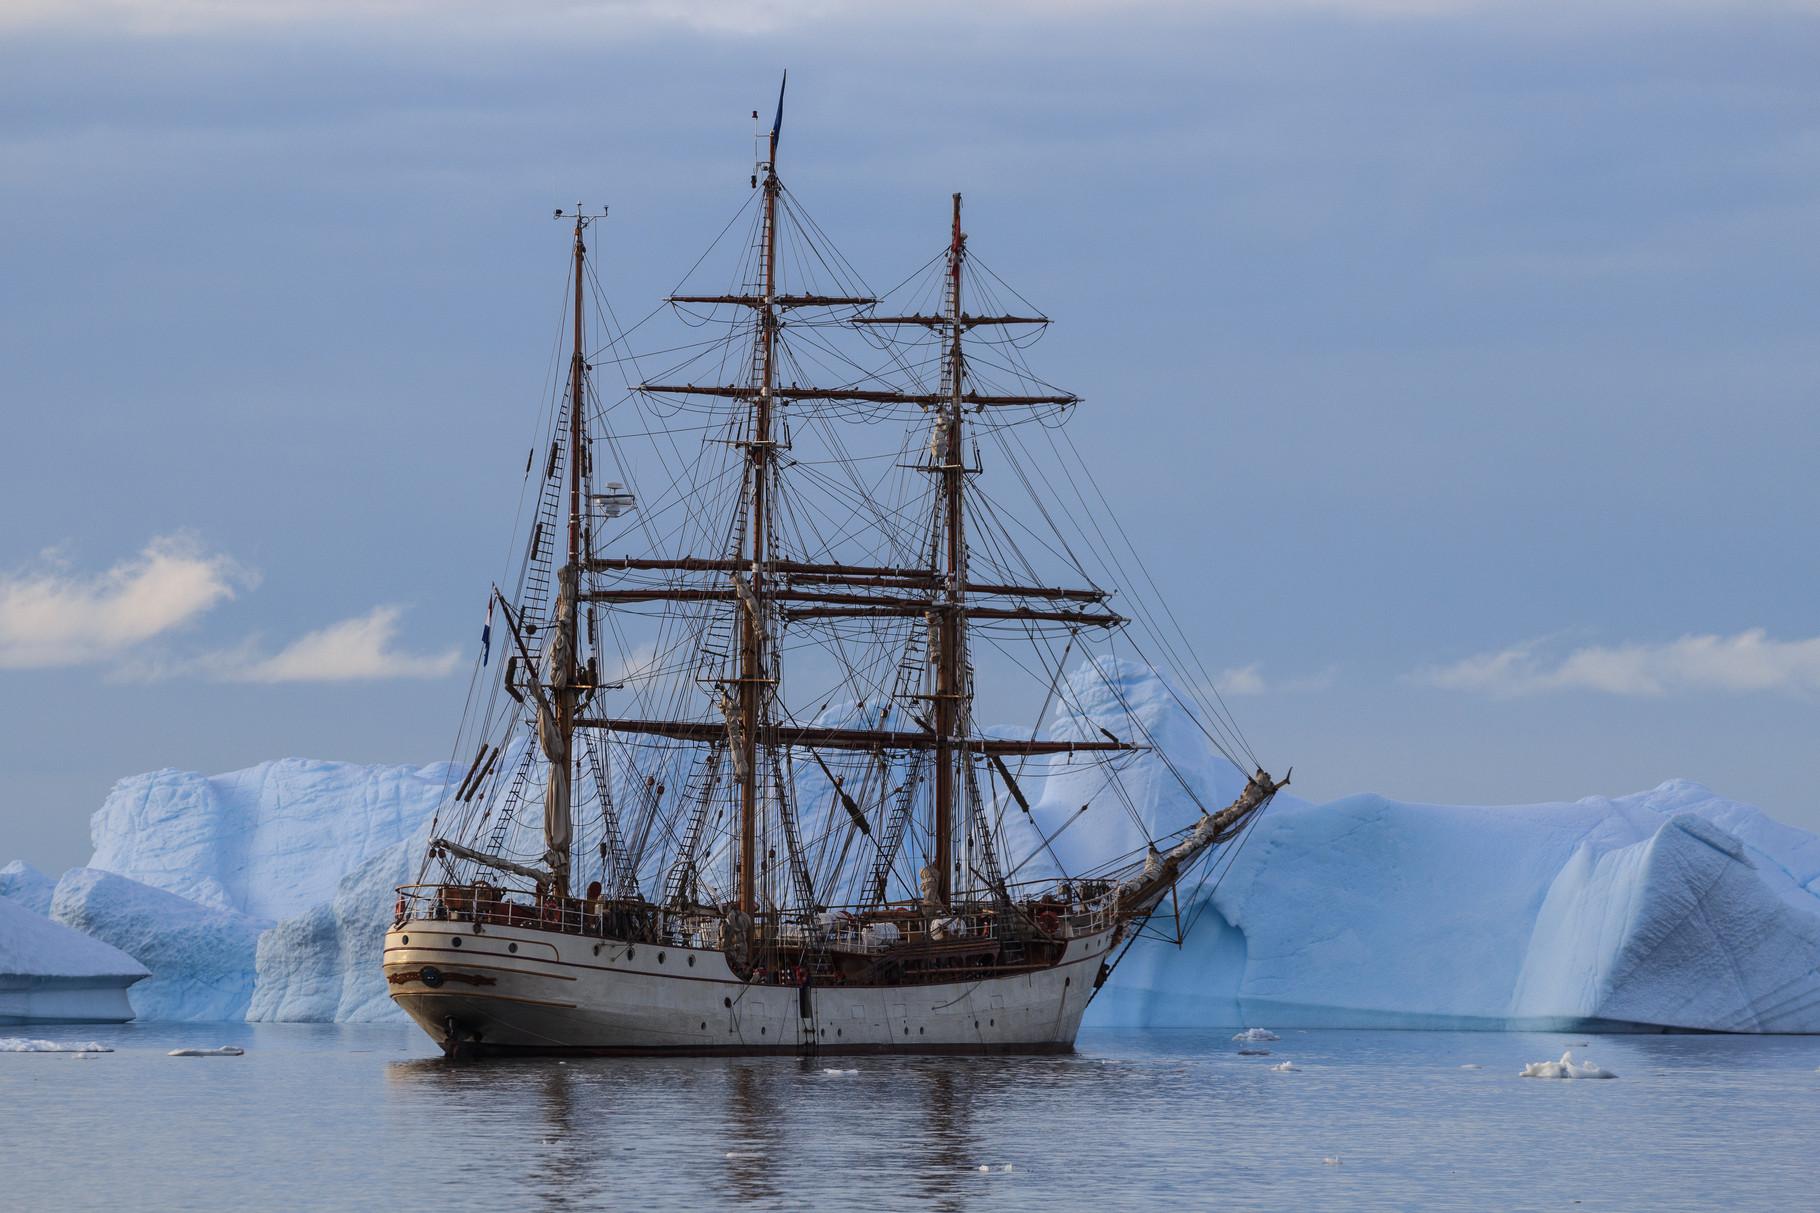 Segelreise mit der Bark Europa in die Antarktis